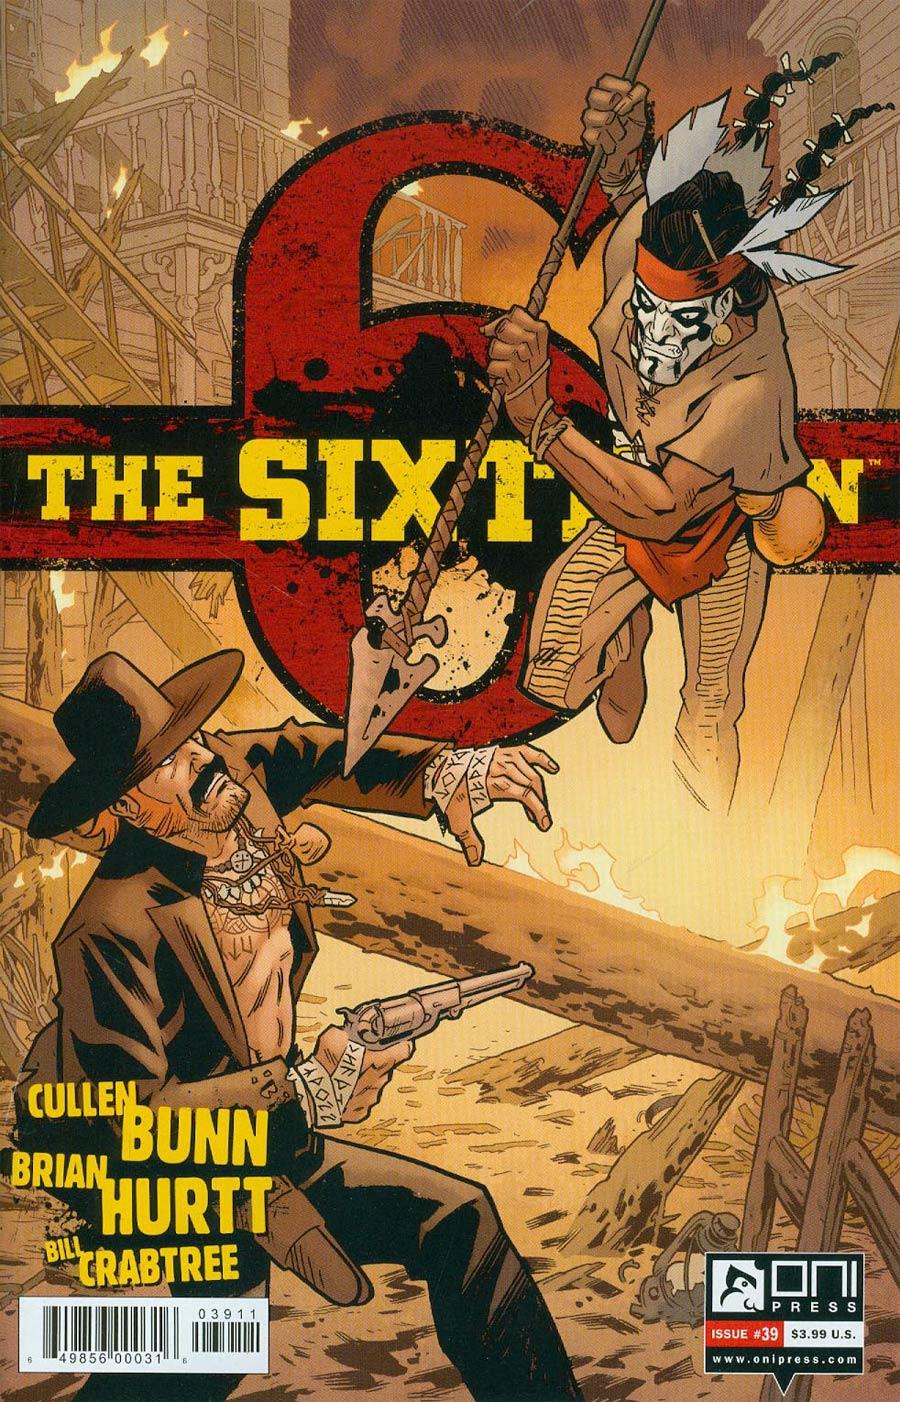 Sixth Gun #39